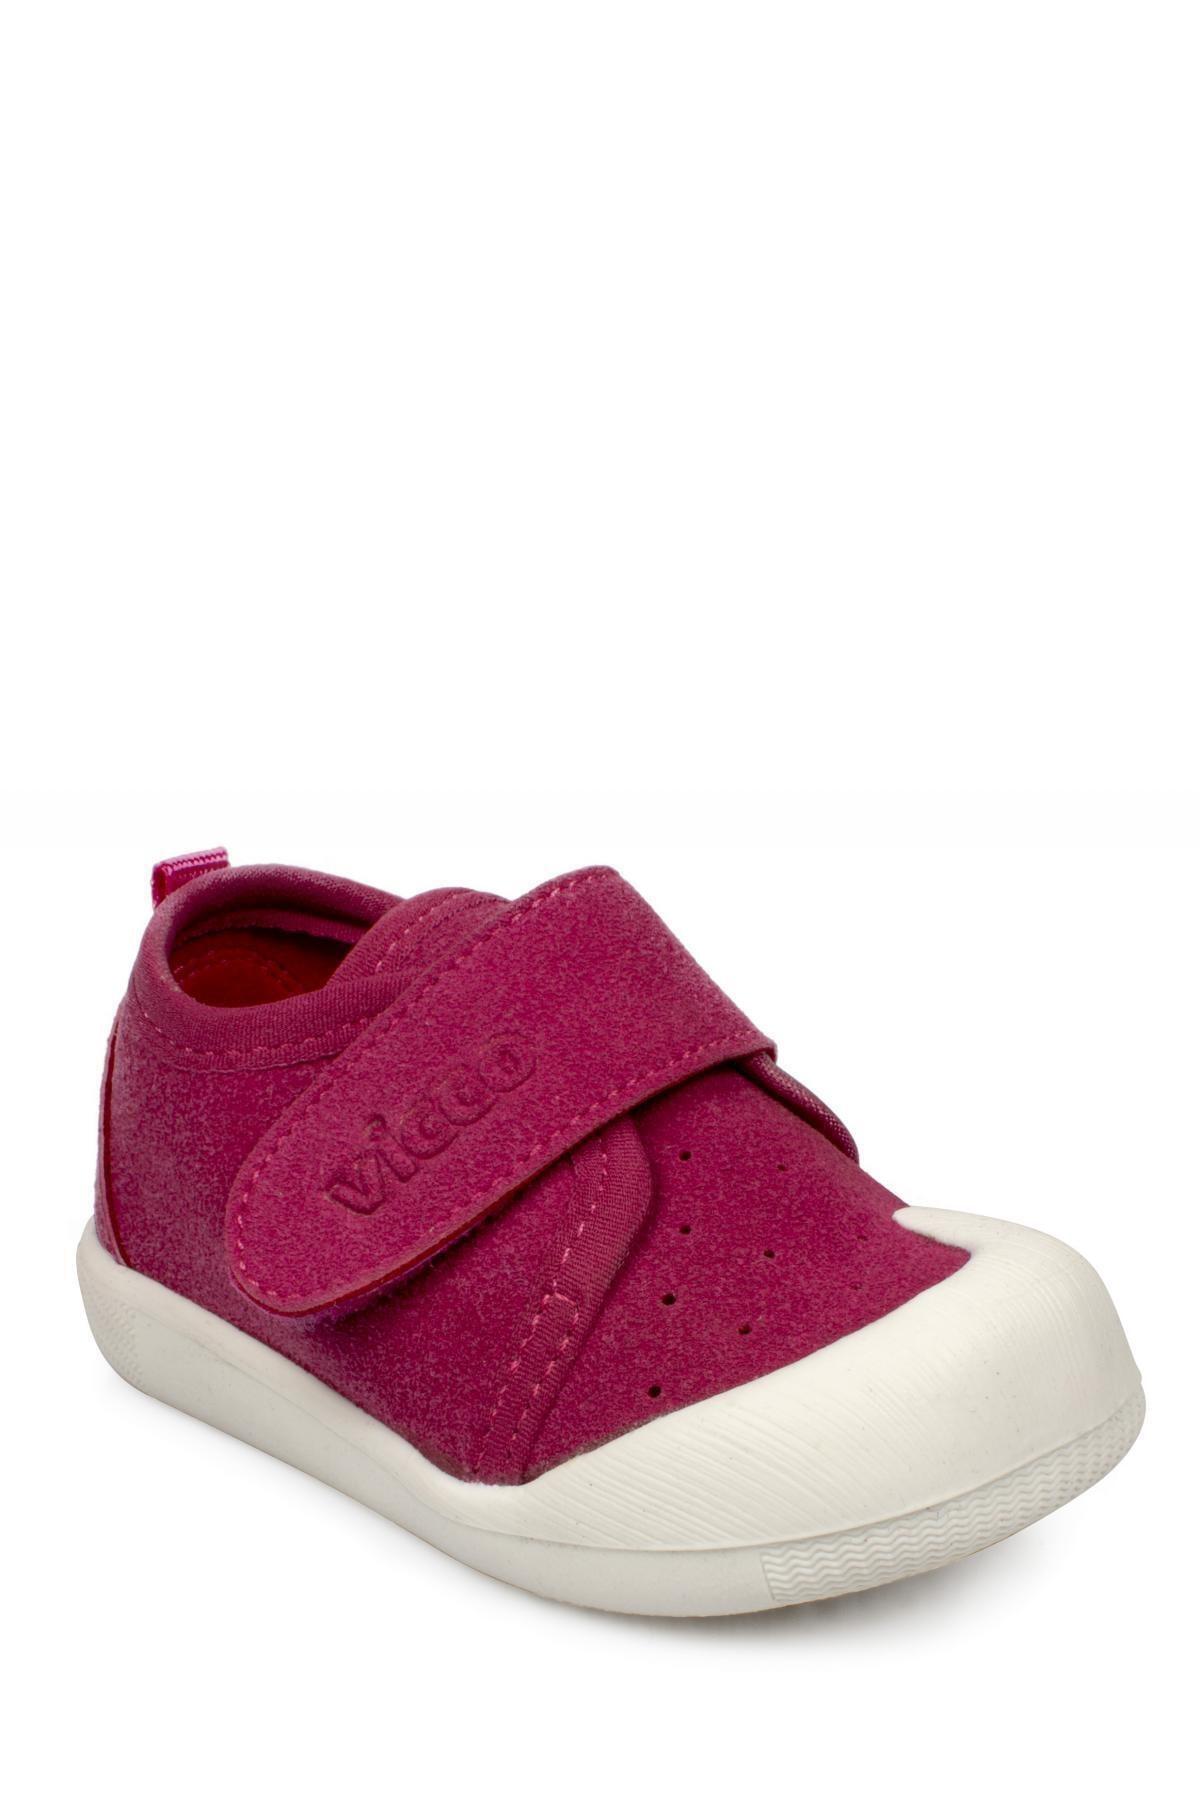 950.e19k.224 Ilk Adım Kız Erkek Çocuk Ayakkabı - Fuşya - 21